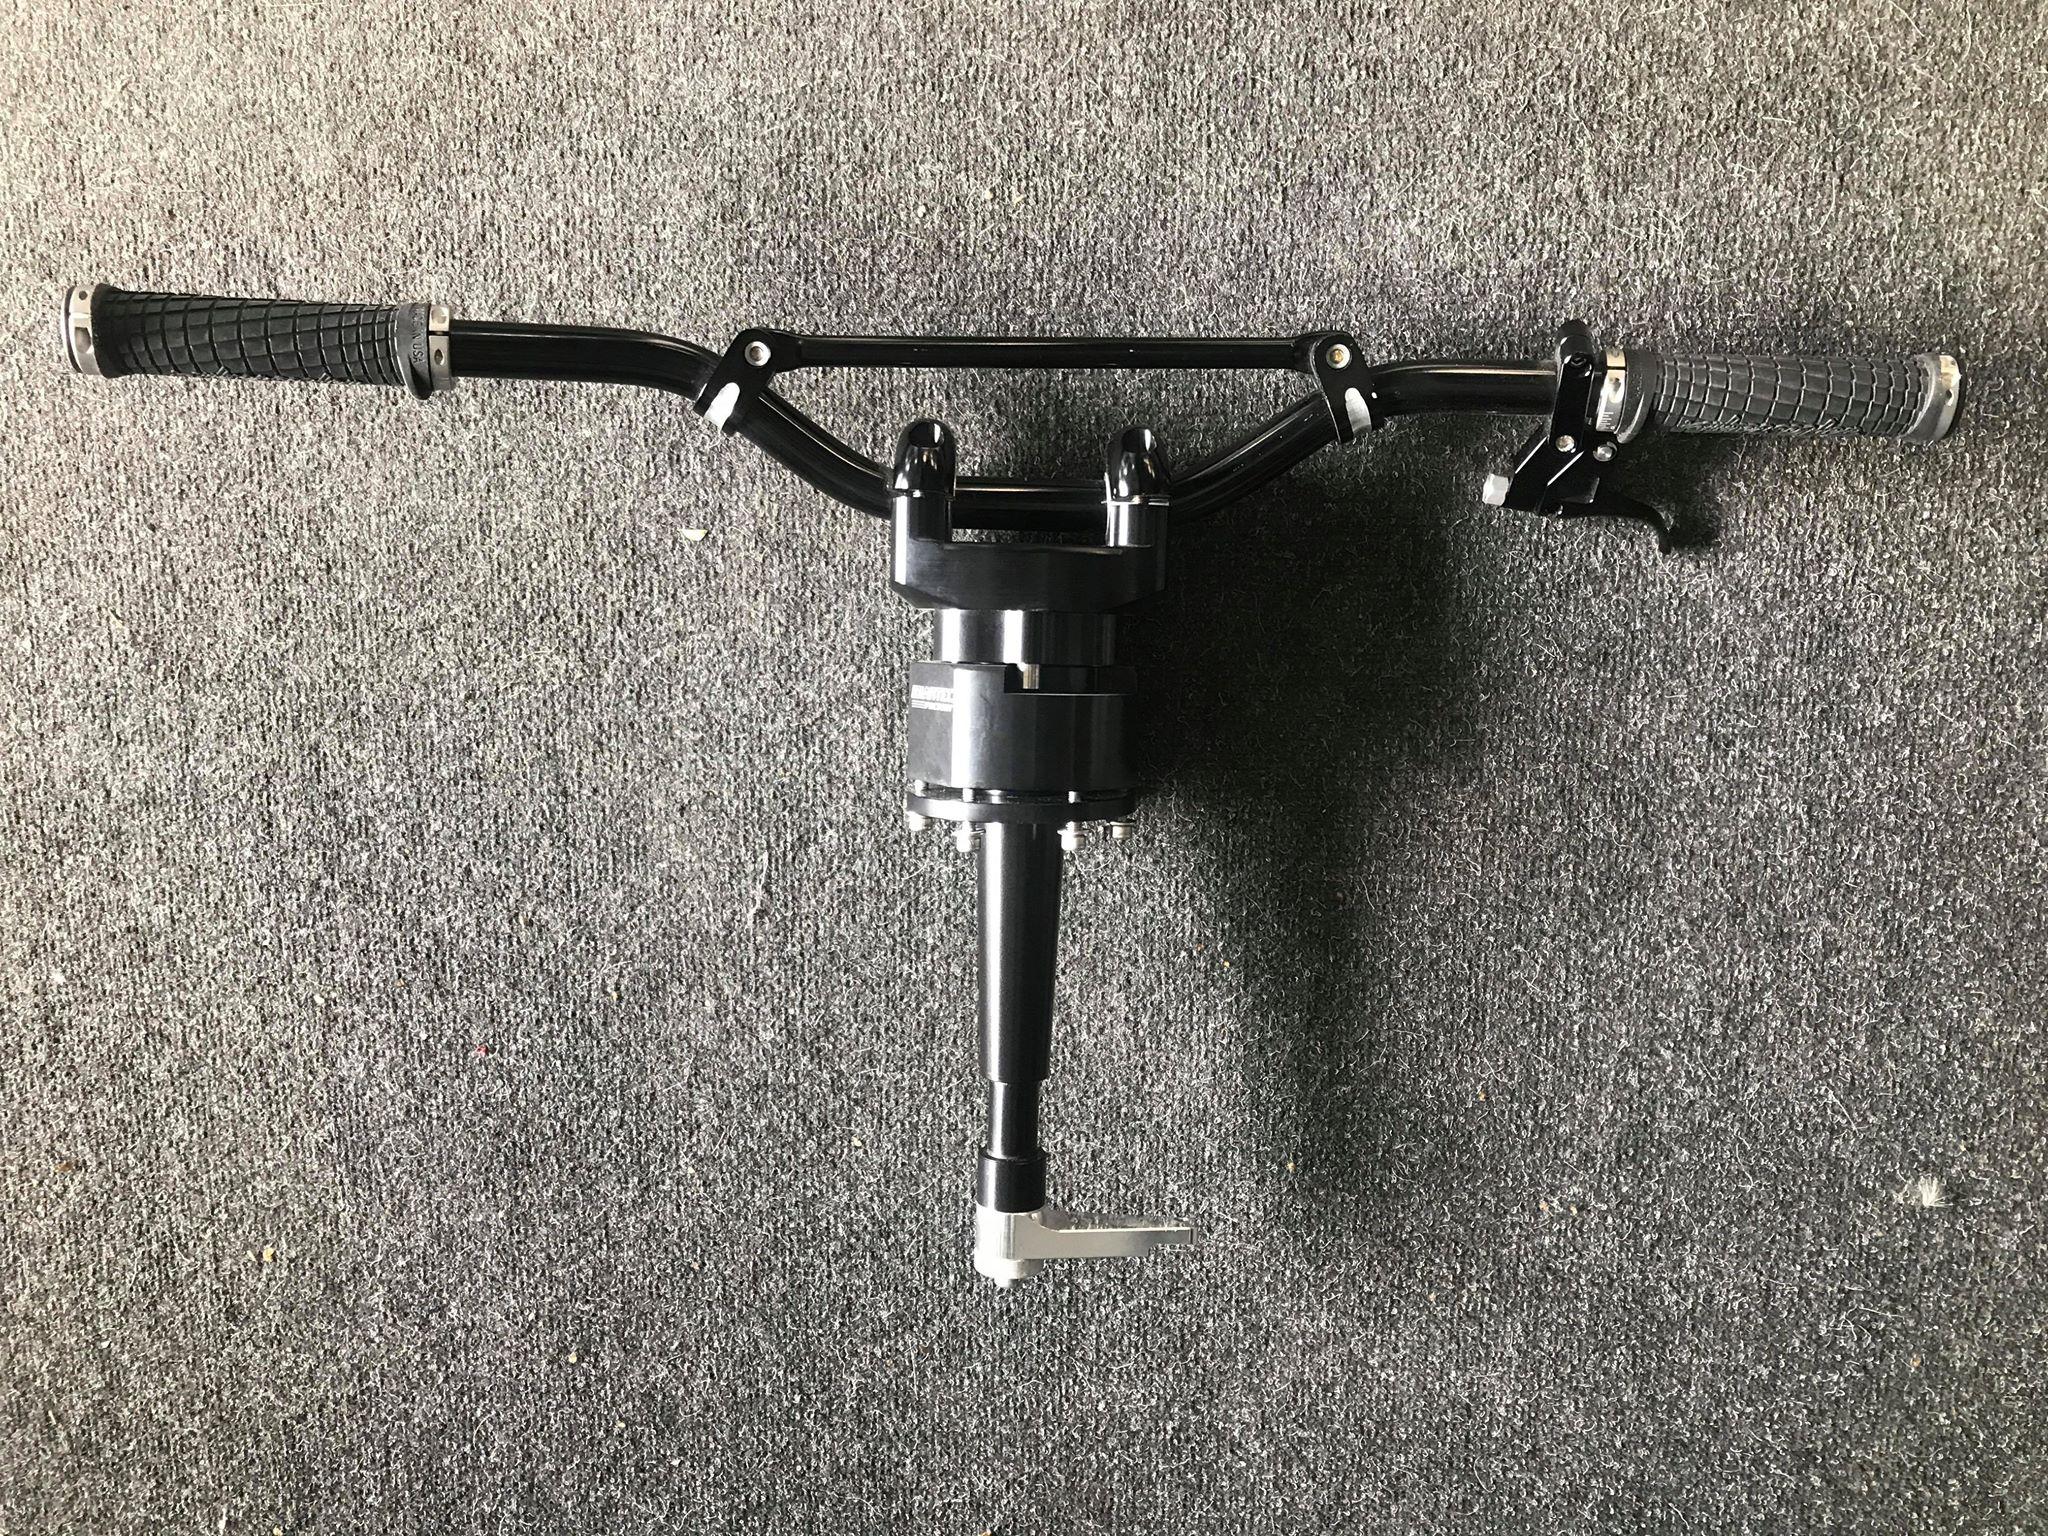 stuursysteem blaster 1 idiartec nieuw Image